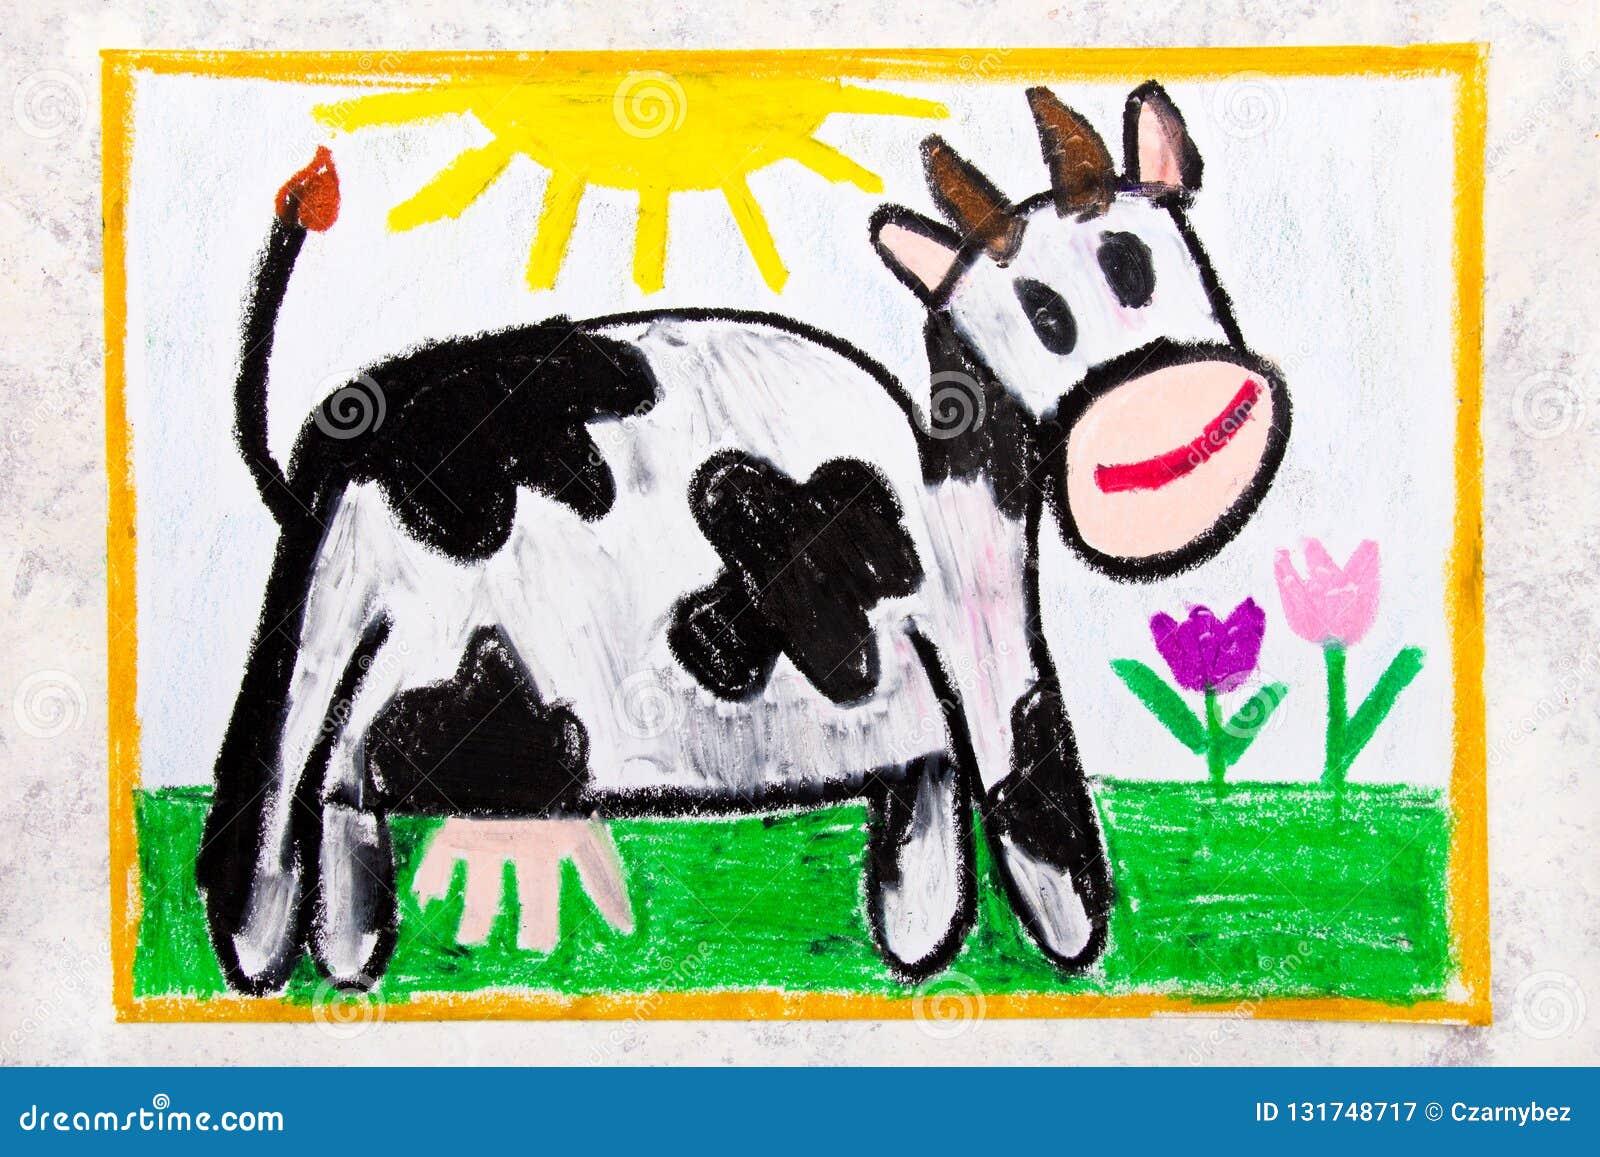 Kleurrijke handtekening: glimlachende koe